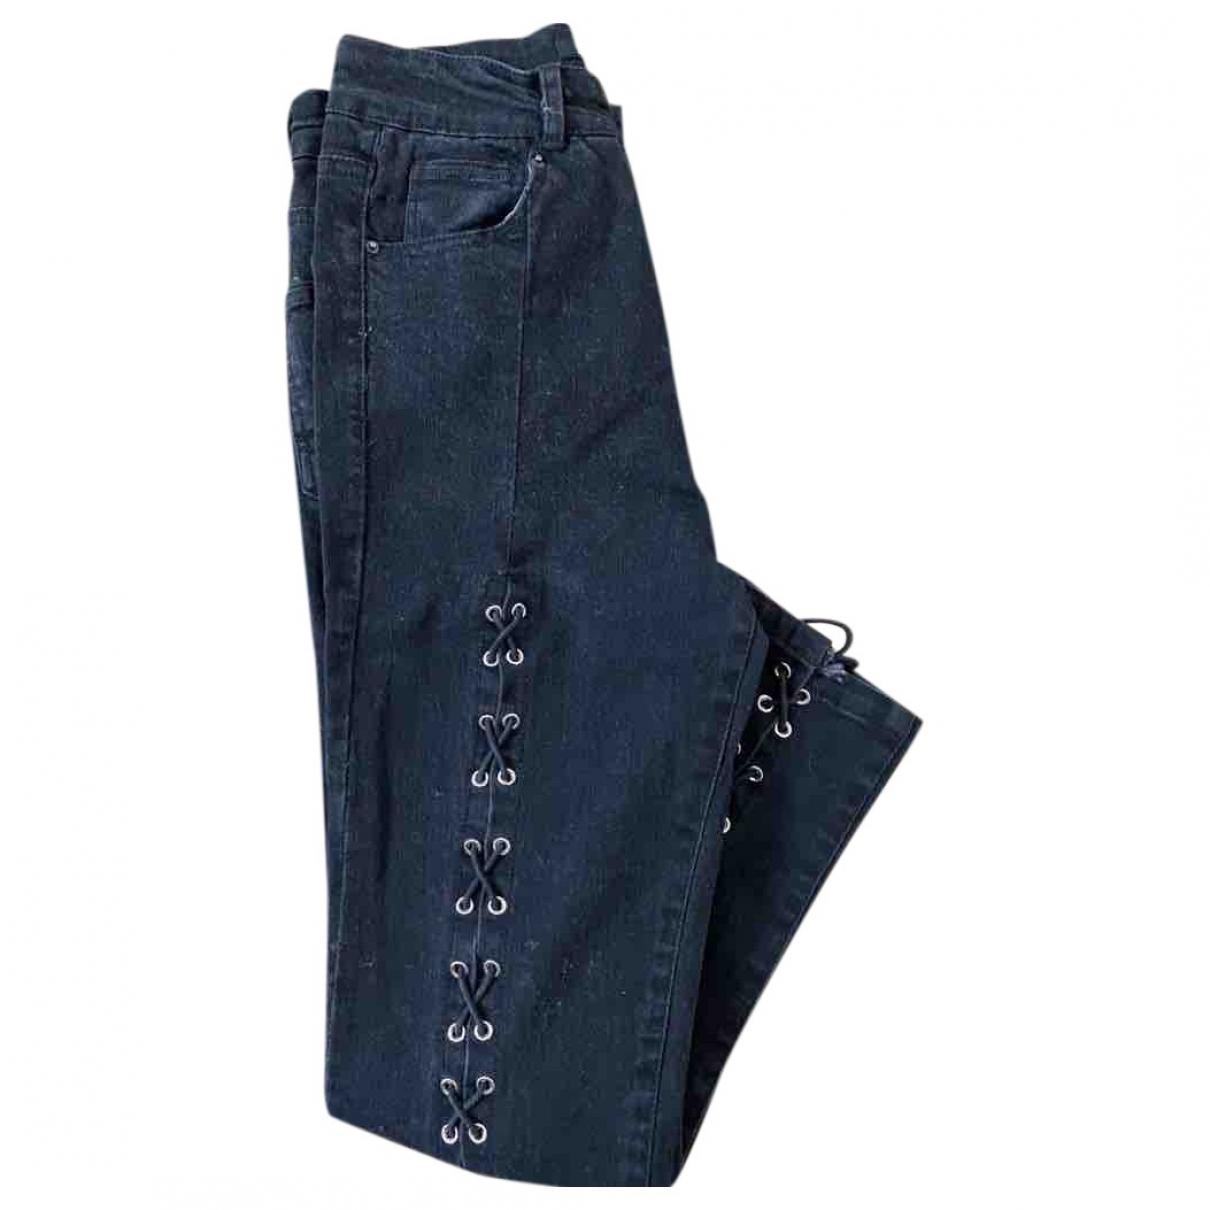 Yvonne Yvonne \N Black Denim - Jeans Trousers for Women S International